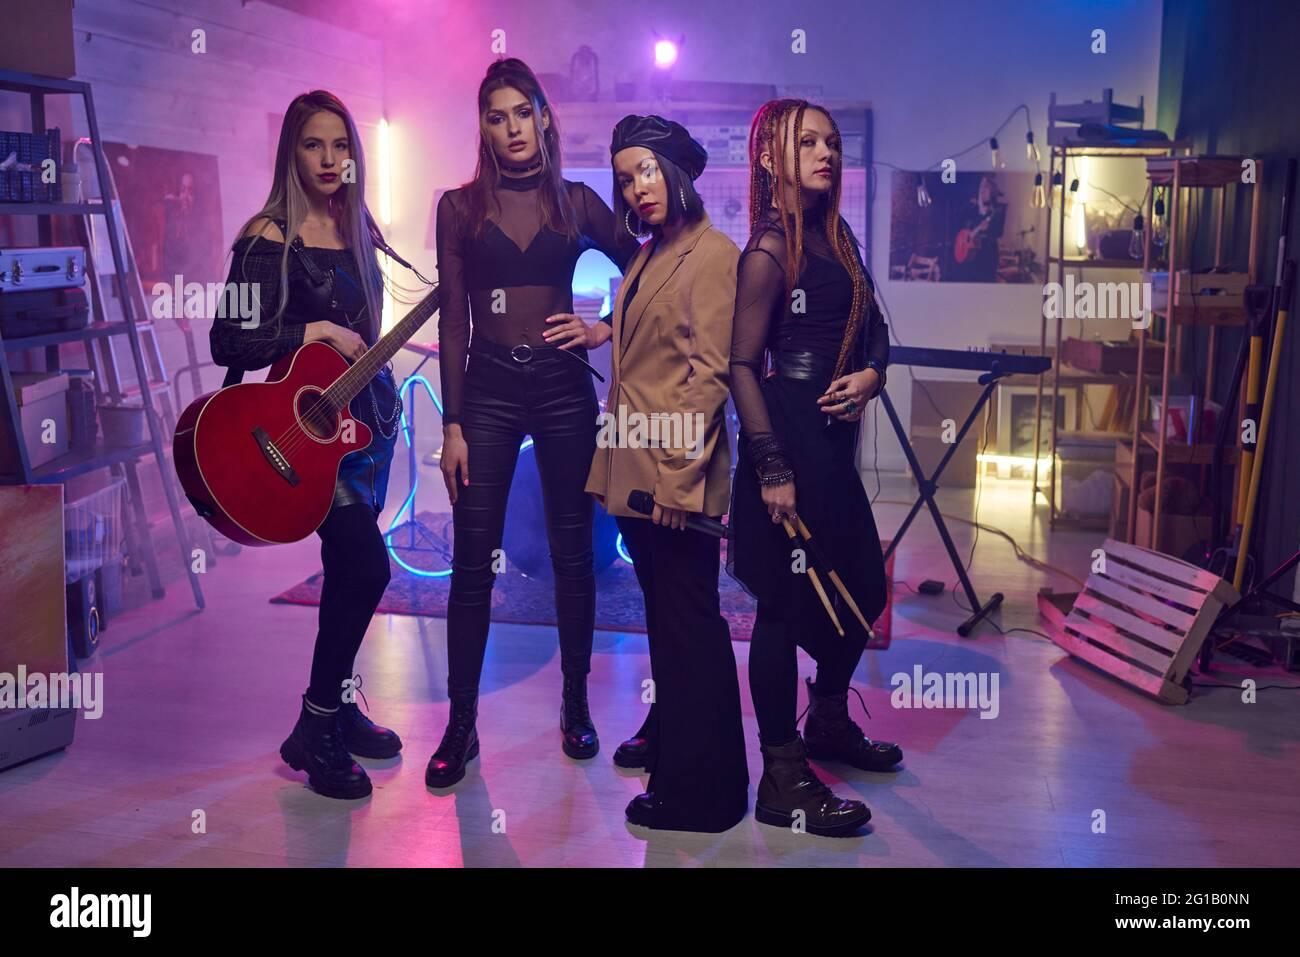 Grupo de mujeres jóvenes con instrumentos musicales de pie en estudio Foto de stock